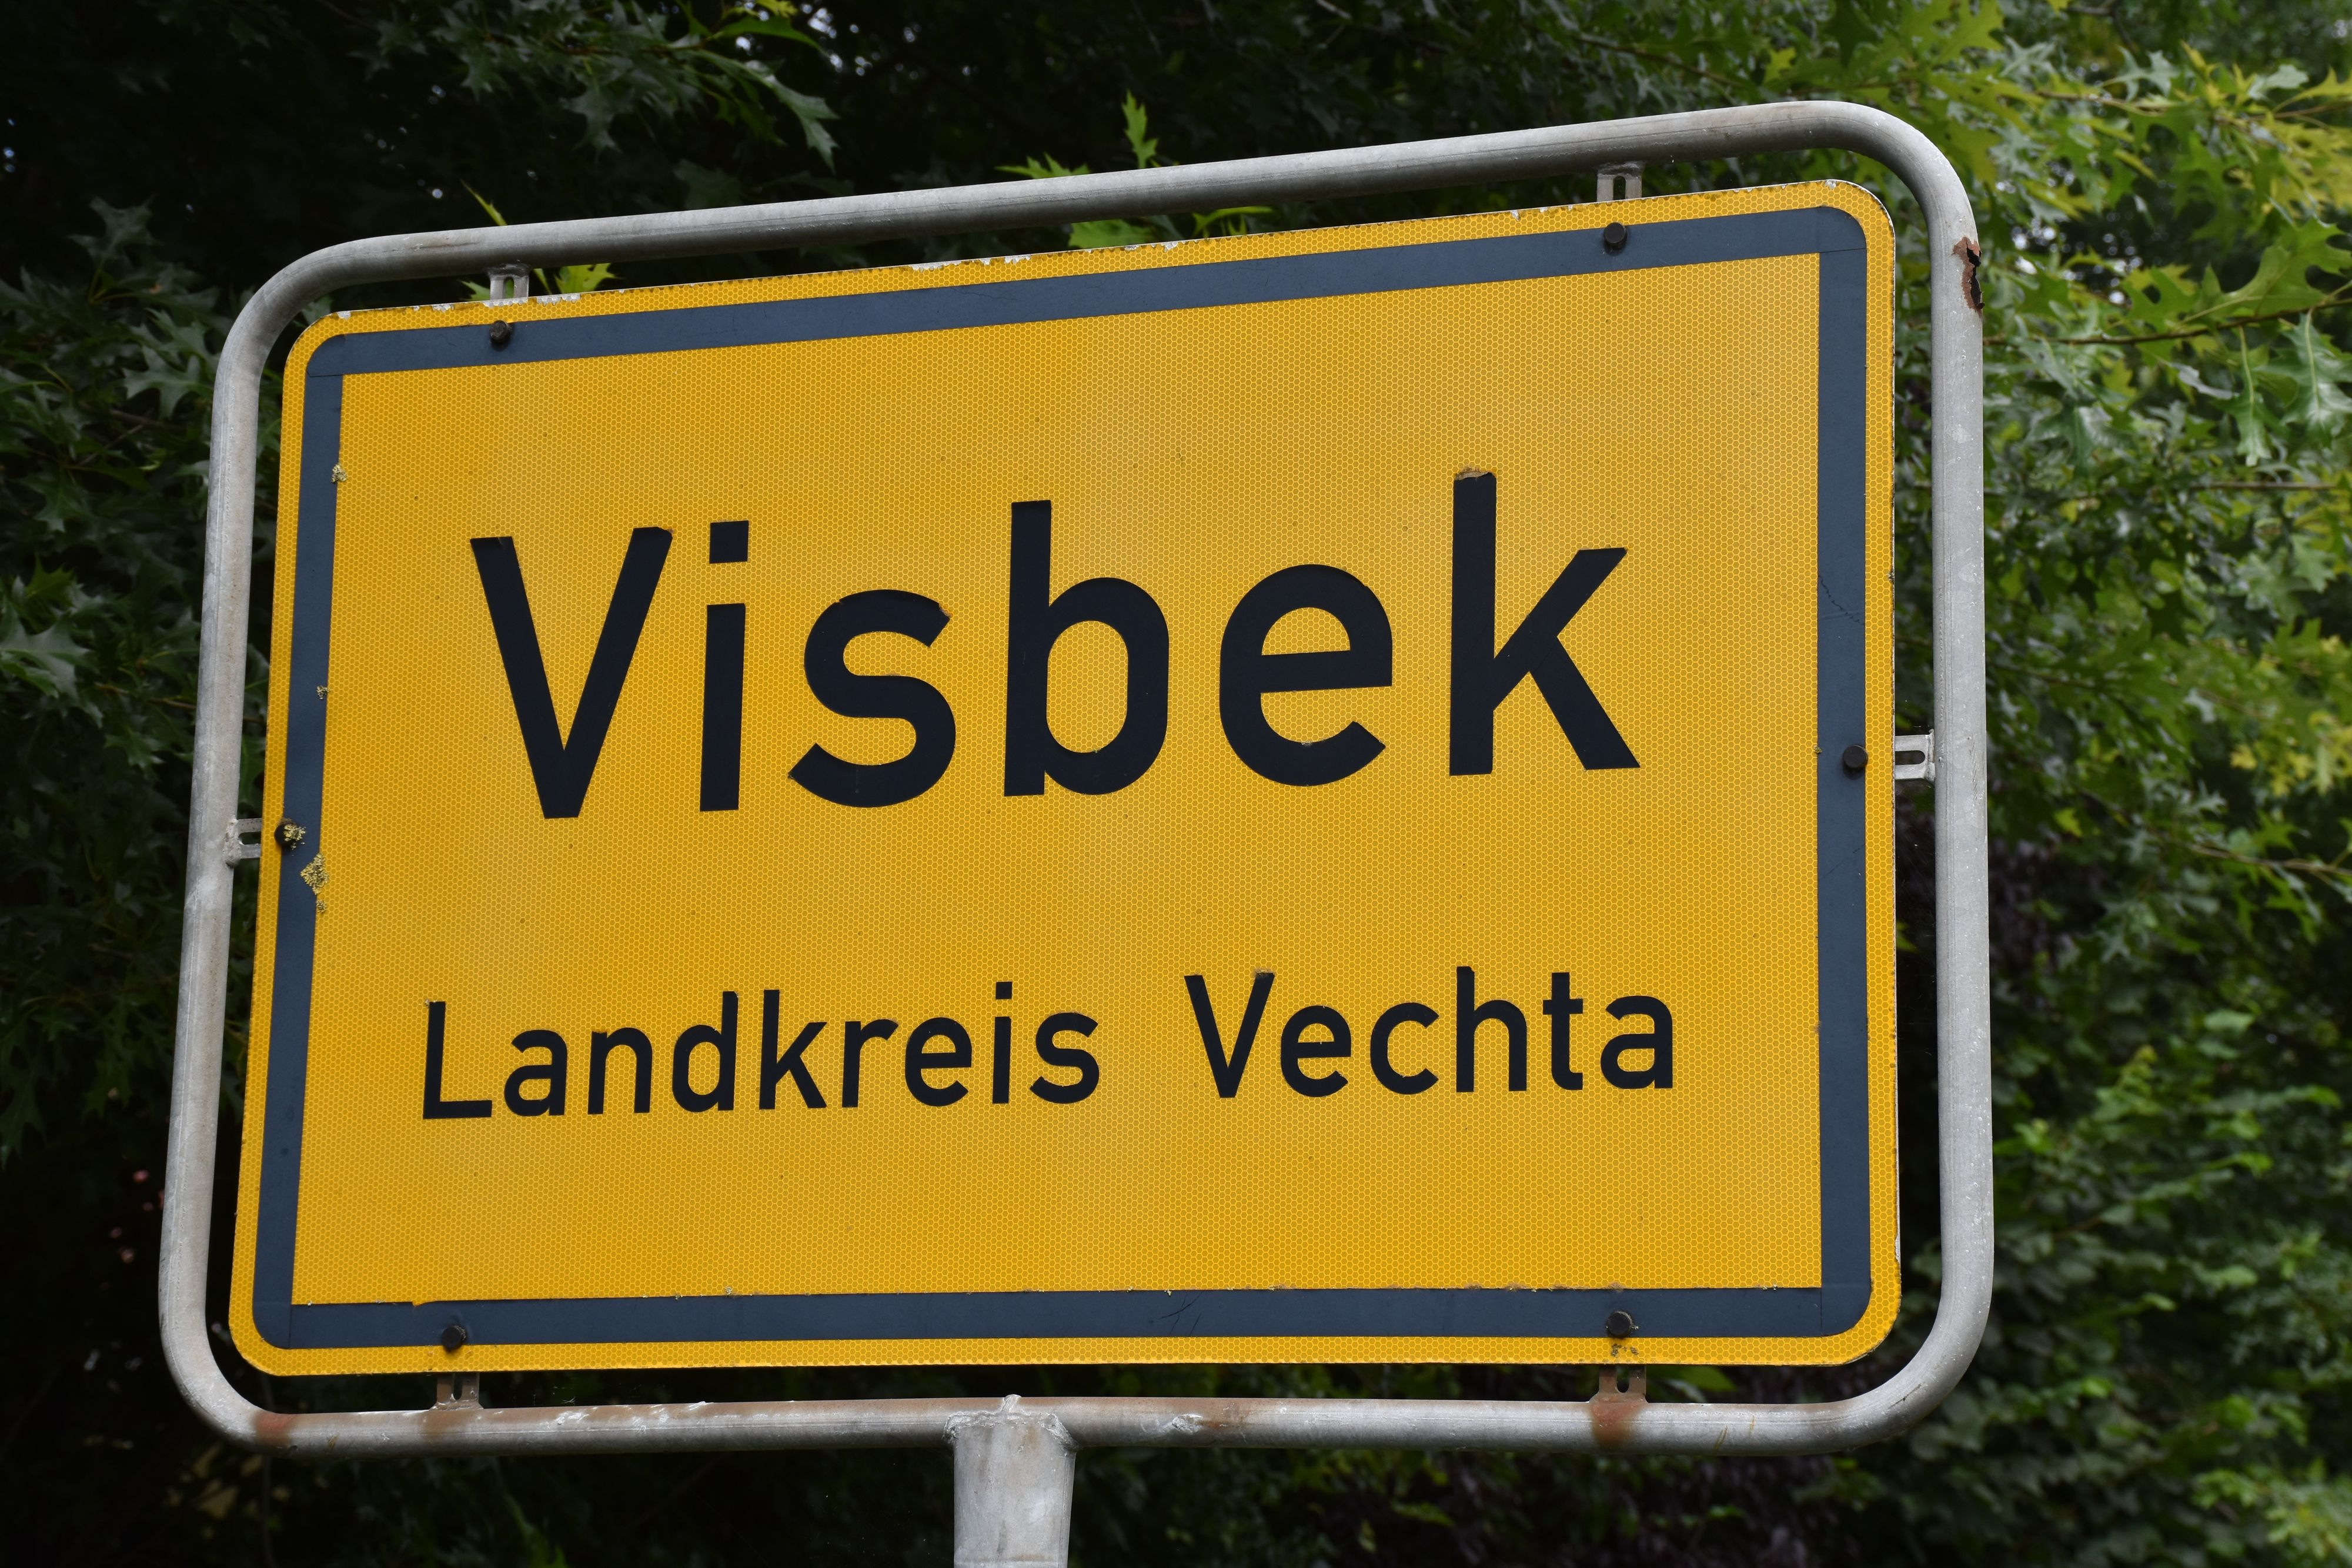 Insgesamt leben in der Gemeinde Visbek 10.353 Einwohner (Stand 31.12.2019). Im Jahr 2010 waren es noch 9.782 Einwohner gewesen. Foto: Ferber